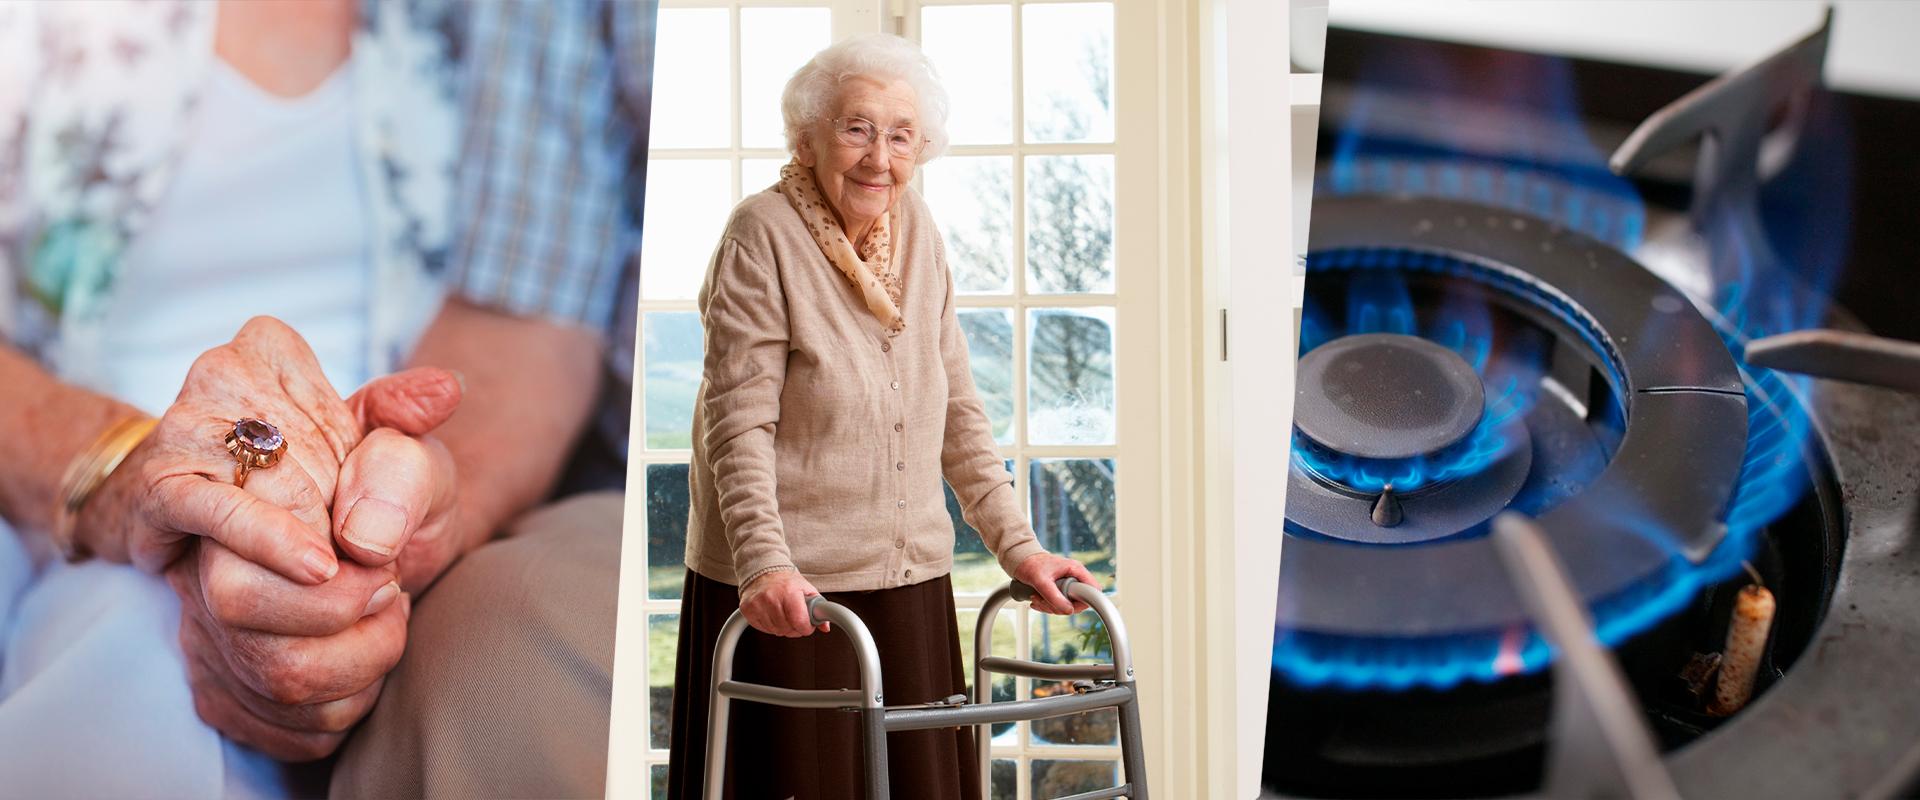 Logro de la Comisión de Adultos y Adultas Mayores: se revirtió una situación de morosidad para dos familias de jubilados